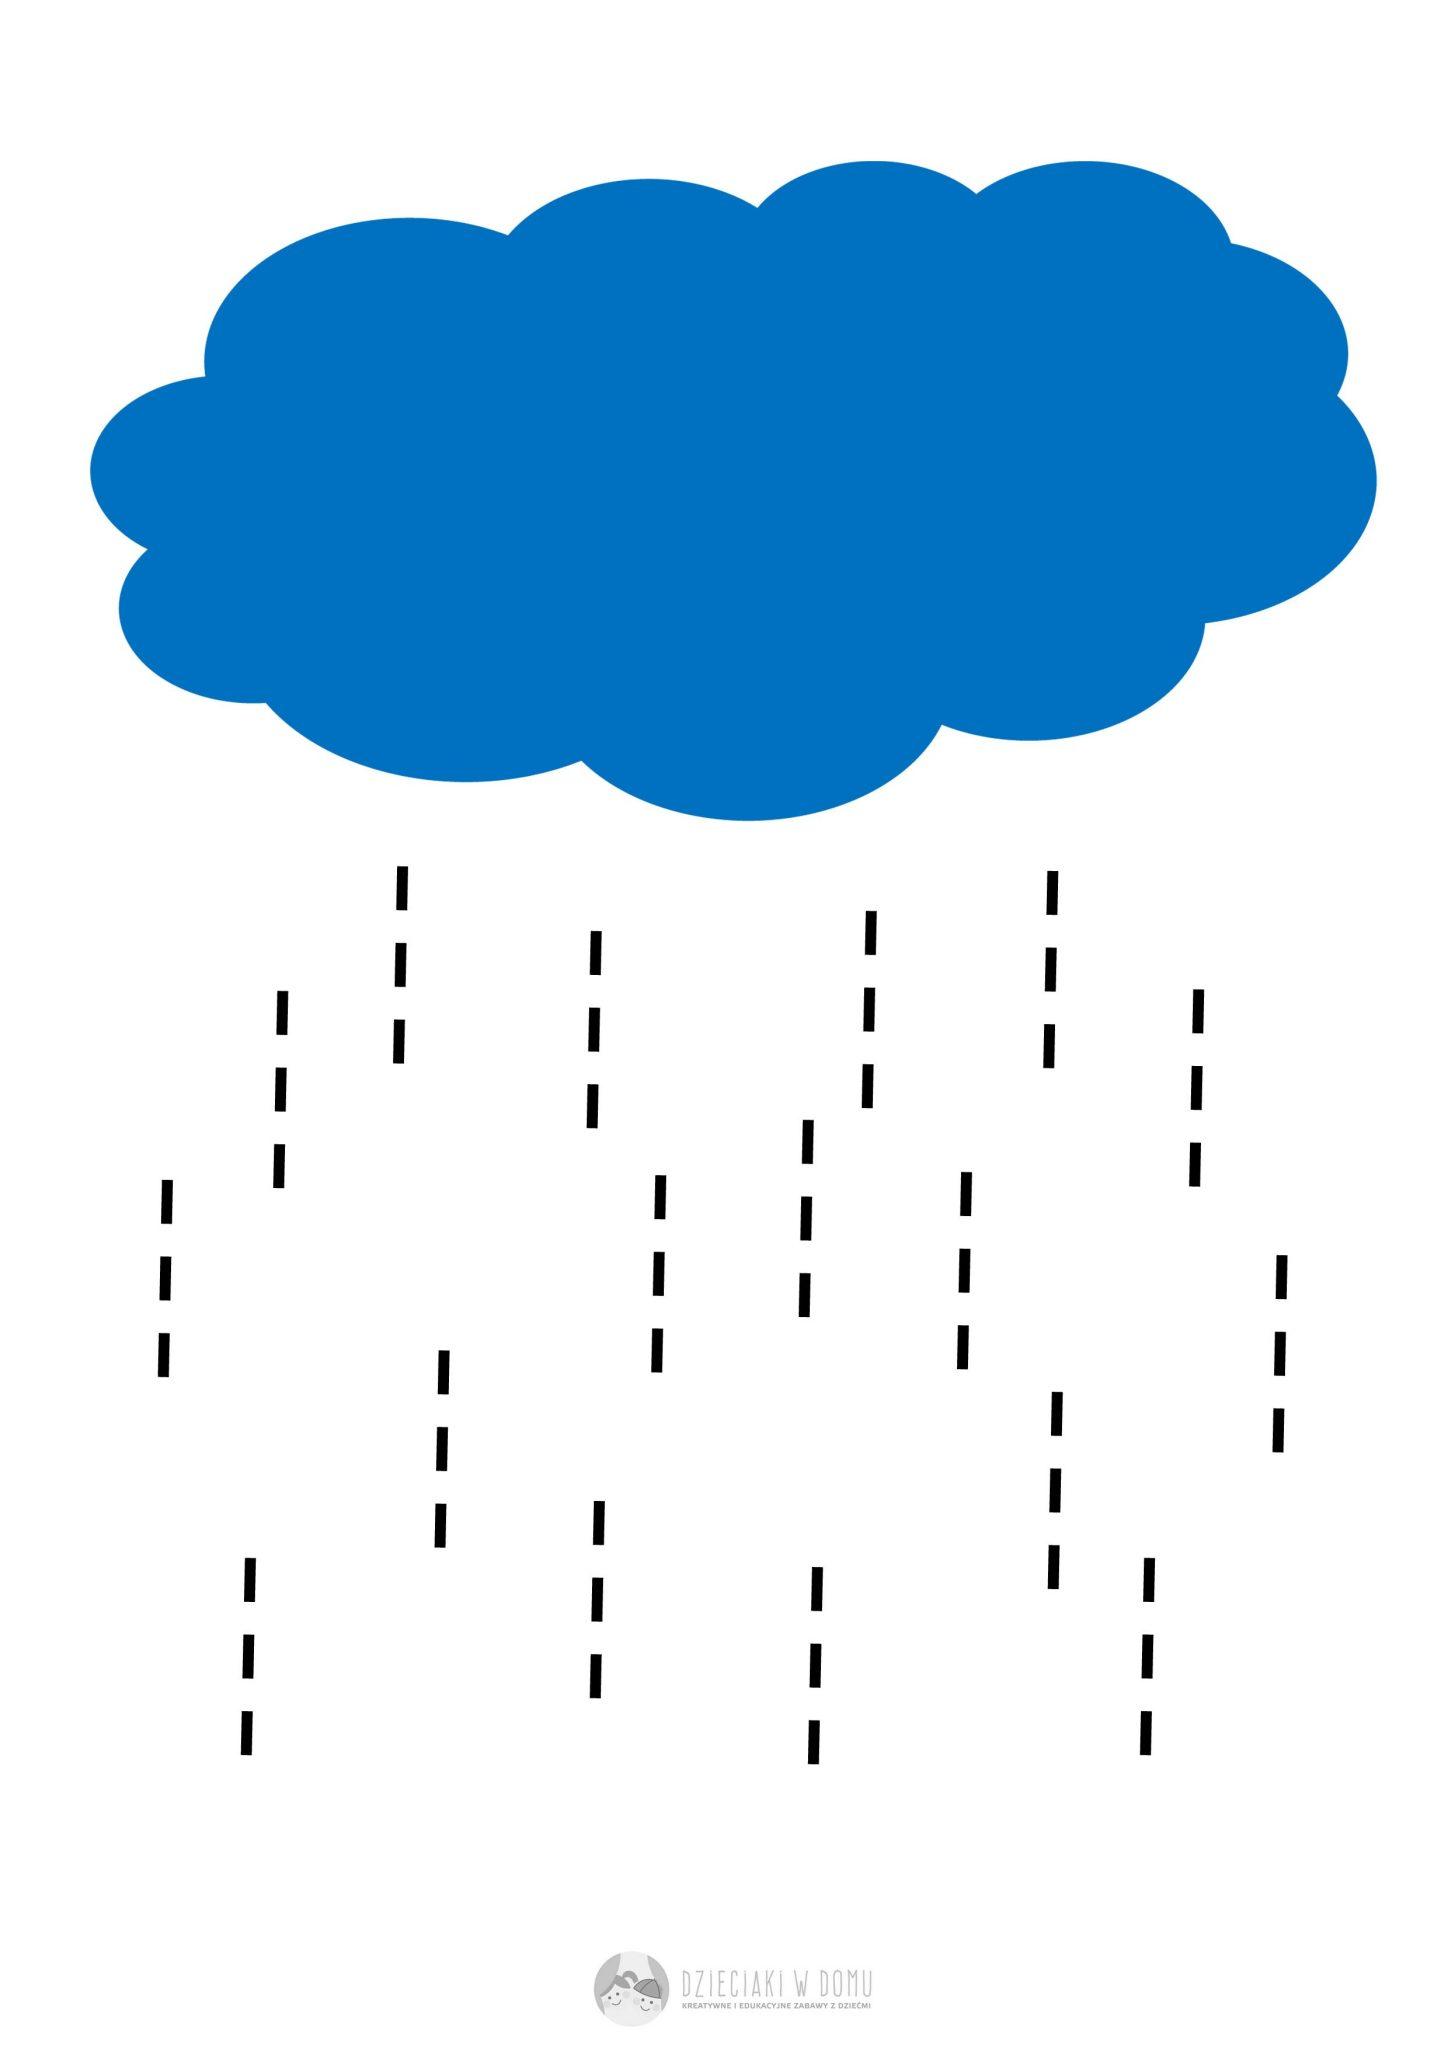 Chmura i krople deszczu - karta pracy dla 2-3 latka